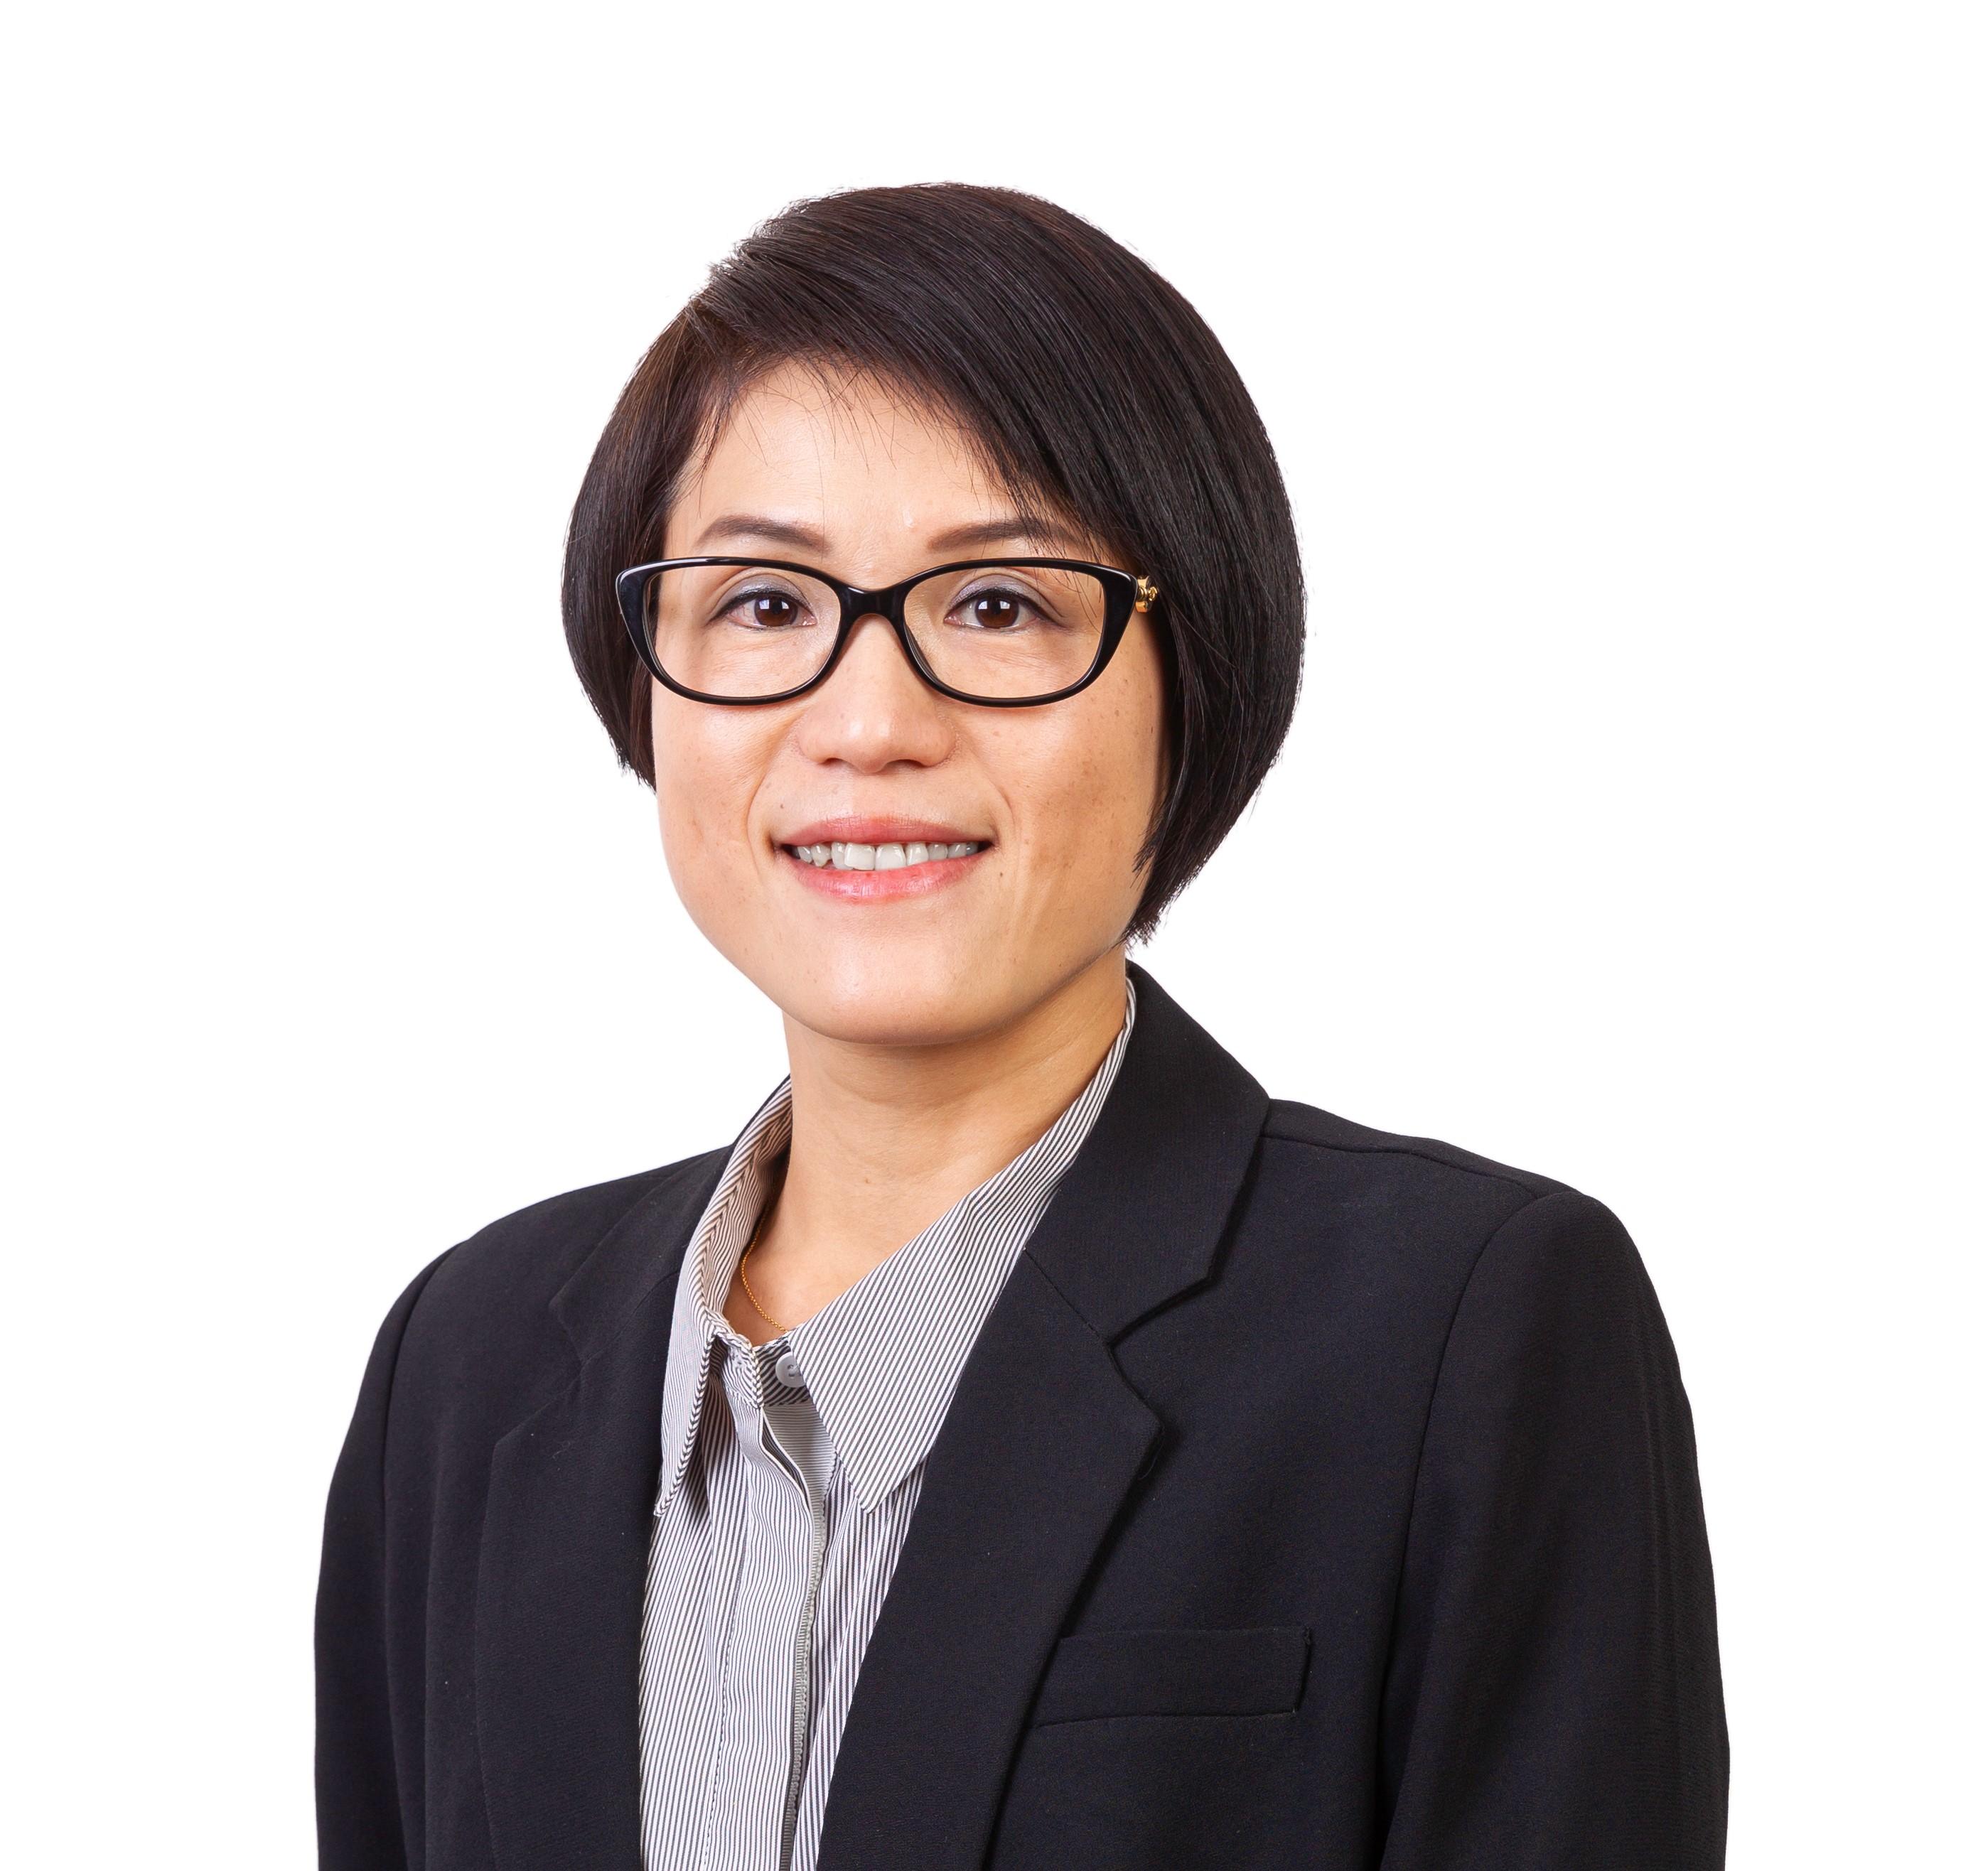 Sherry Wang